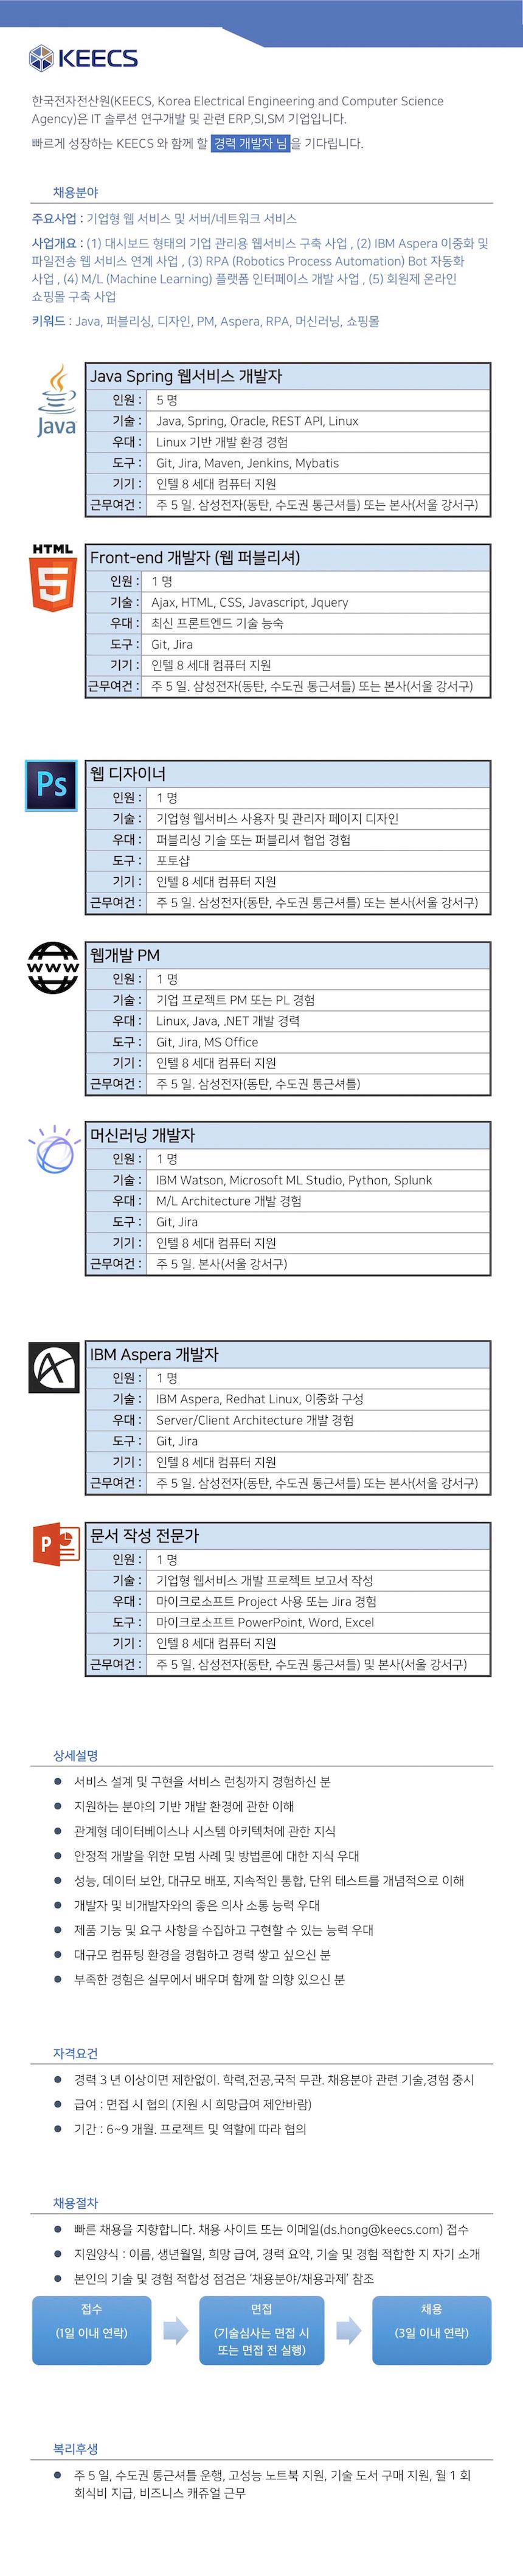 한국전자전산원 채용공고